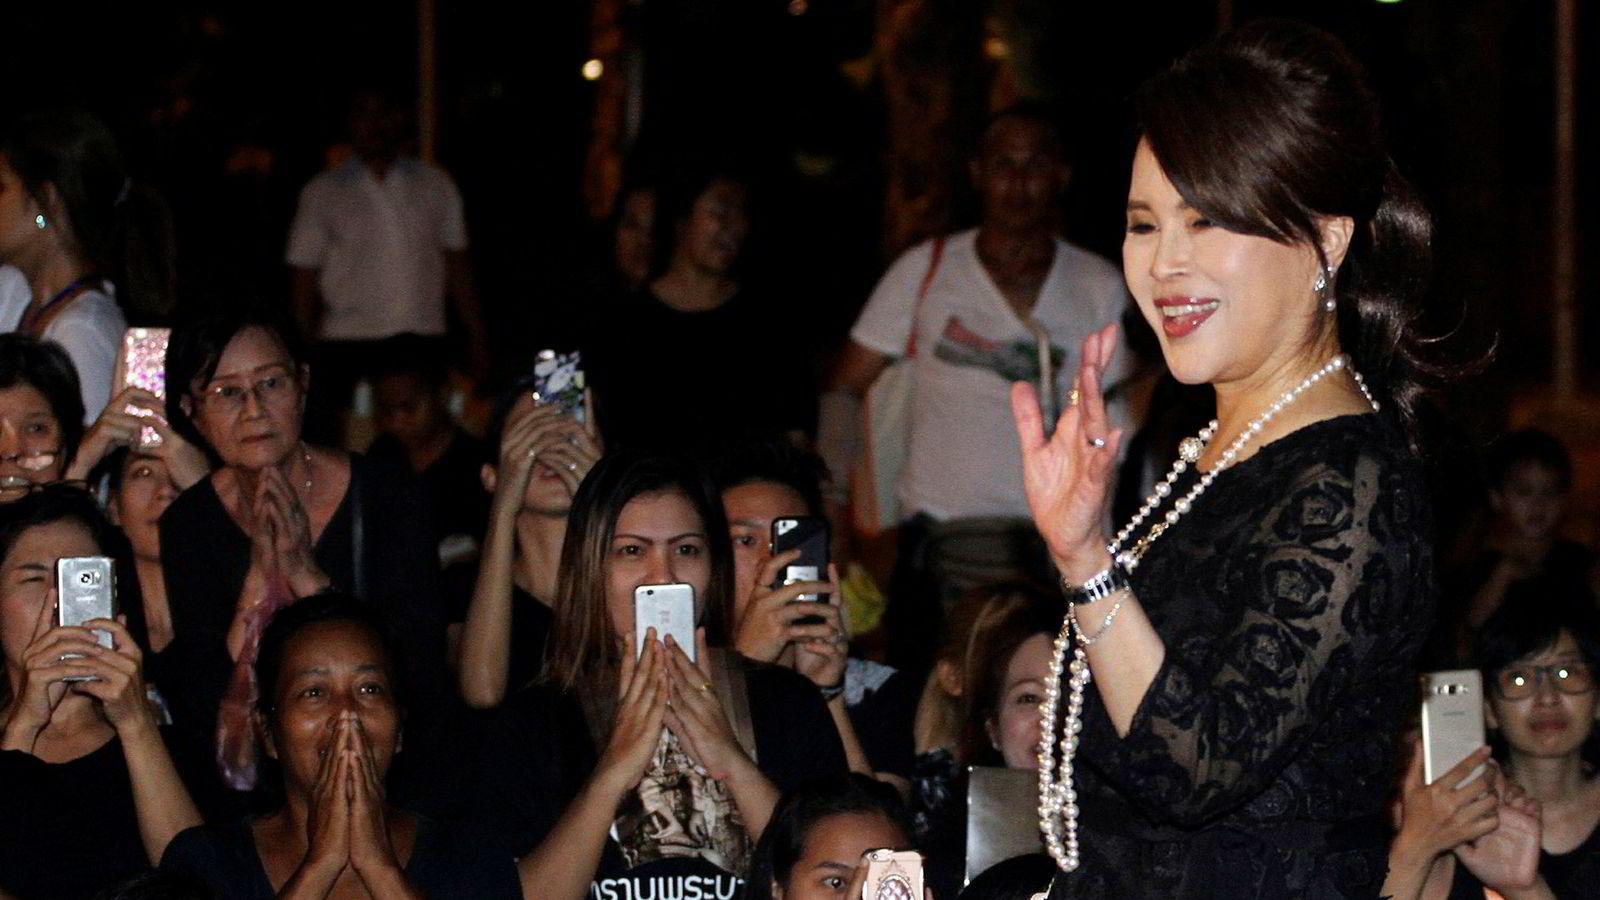 Den thailandske kongens eldste søster, prinsesse Ubolratana, stiller som statsministerkandidat under valget i mars. Partiet har tette forbindelser til Thaksin Shinawatra, som ble avsatt under et militærkupp i 2006 og har levd i eksil i 11 år.